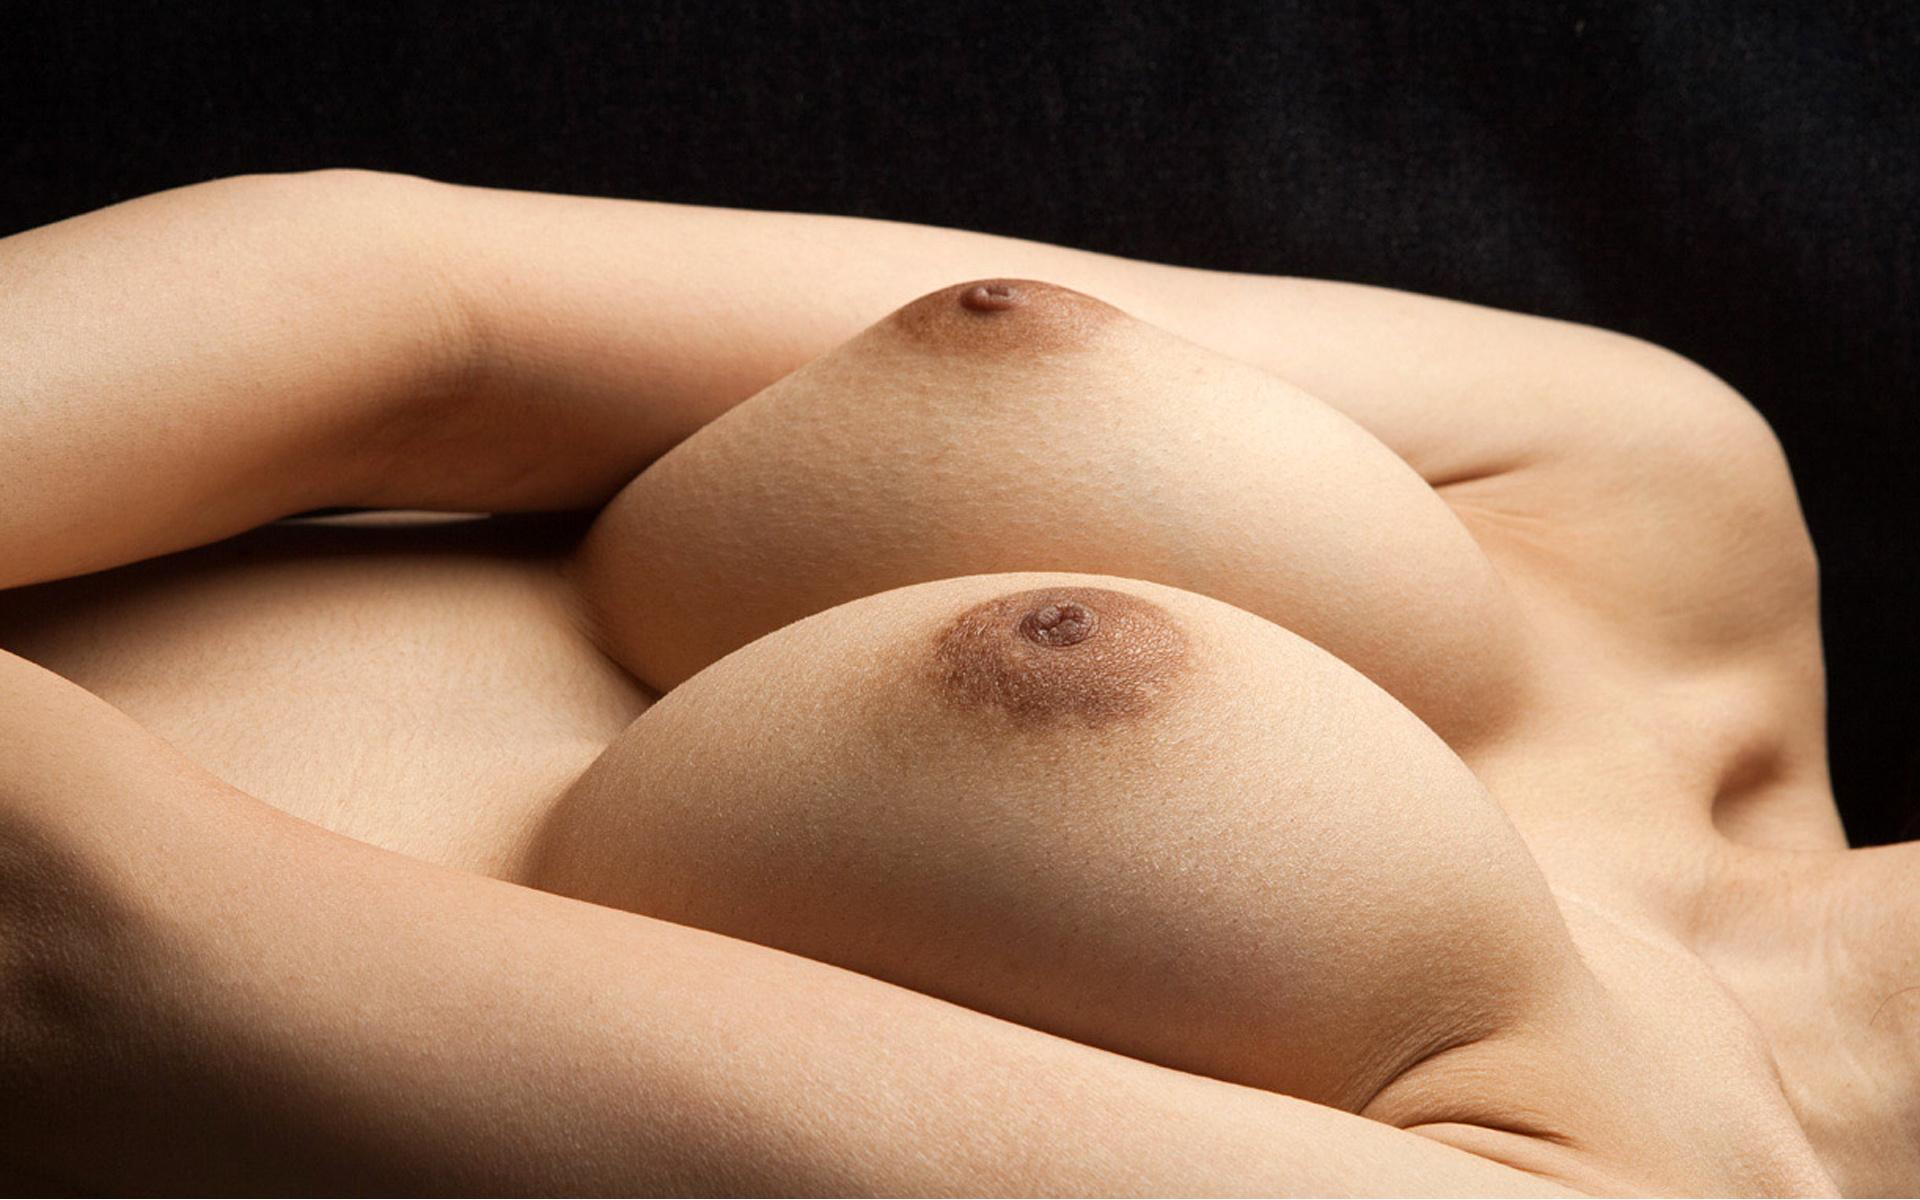 Boobs naked up close thank